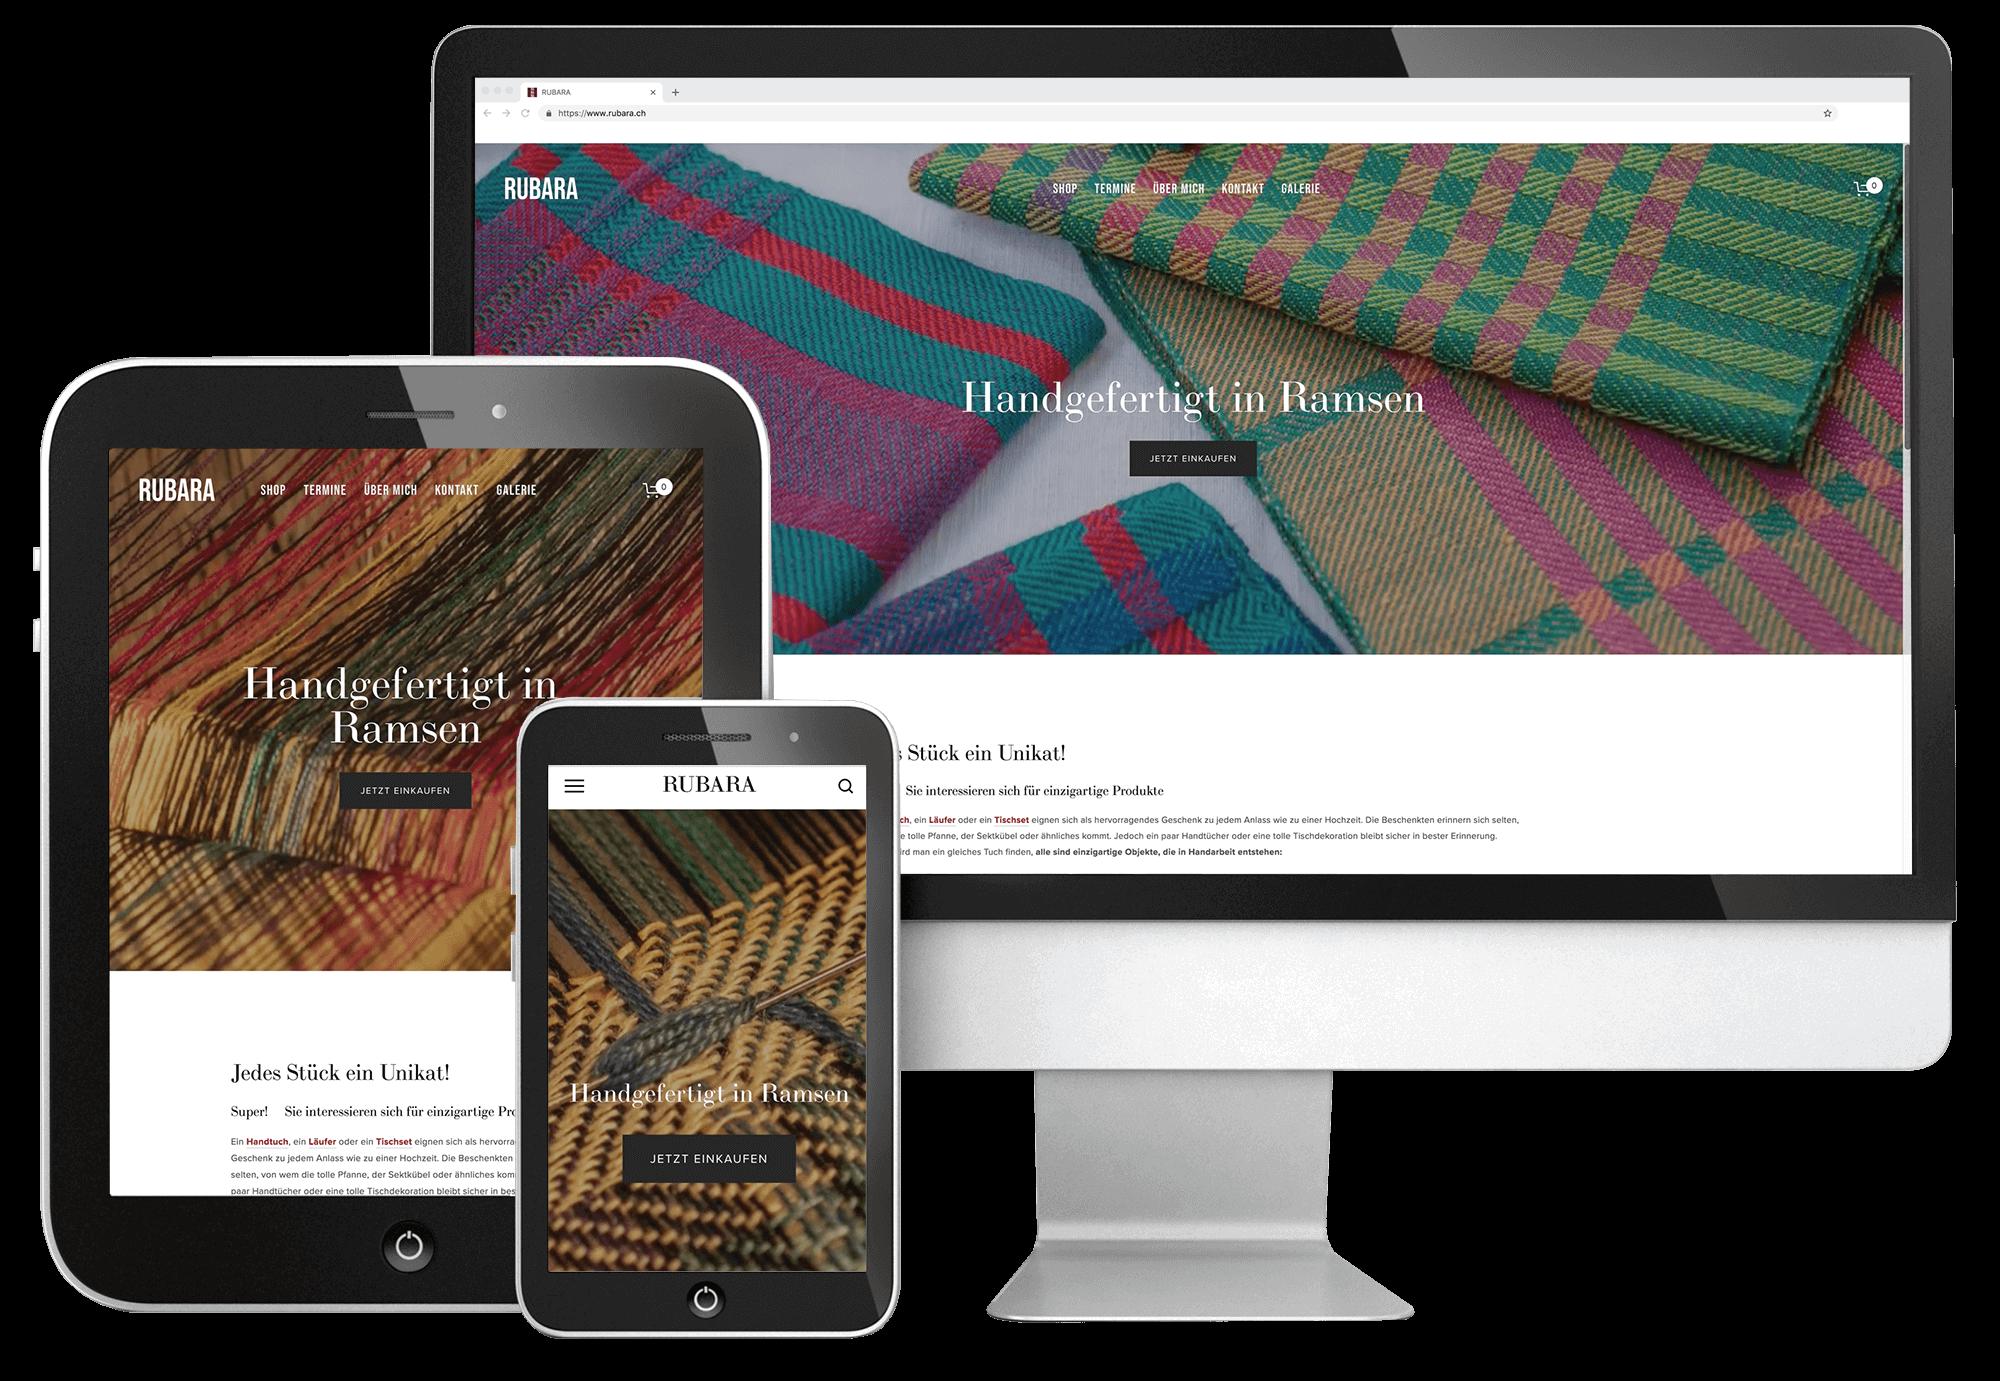 Voll responsiver Onlineshop mit deutschen Checkoutmasken zu einem attraktiven Preis – dank unserem MIDI-System absolut möglich